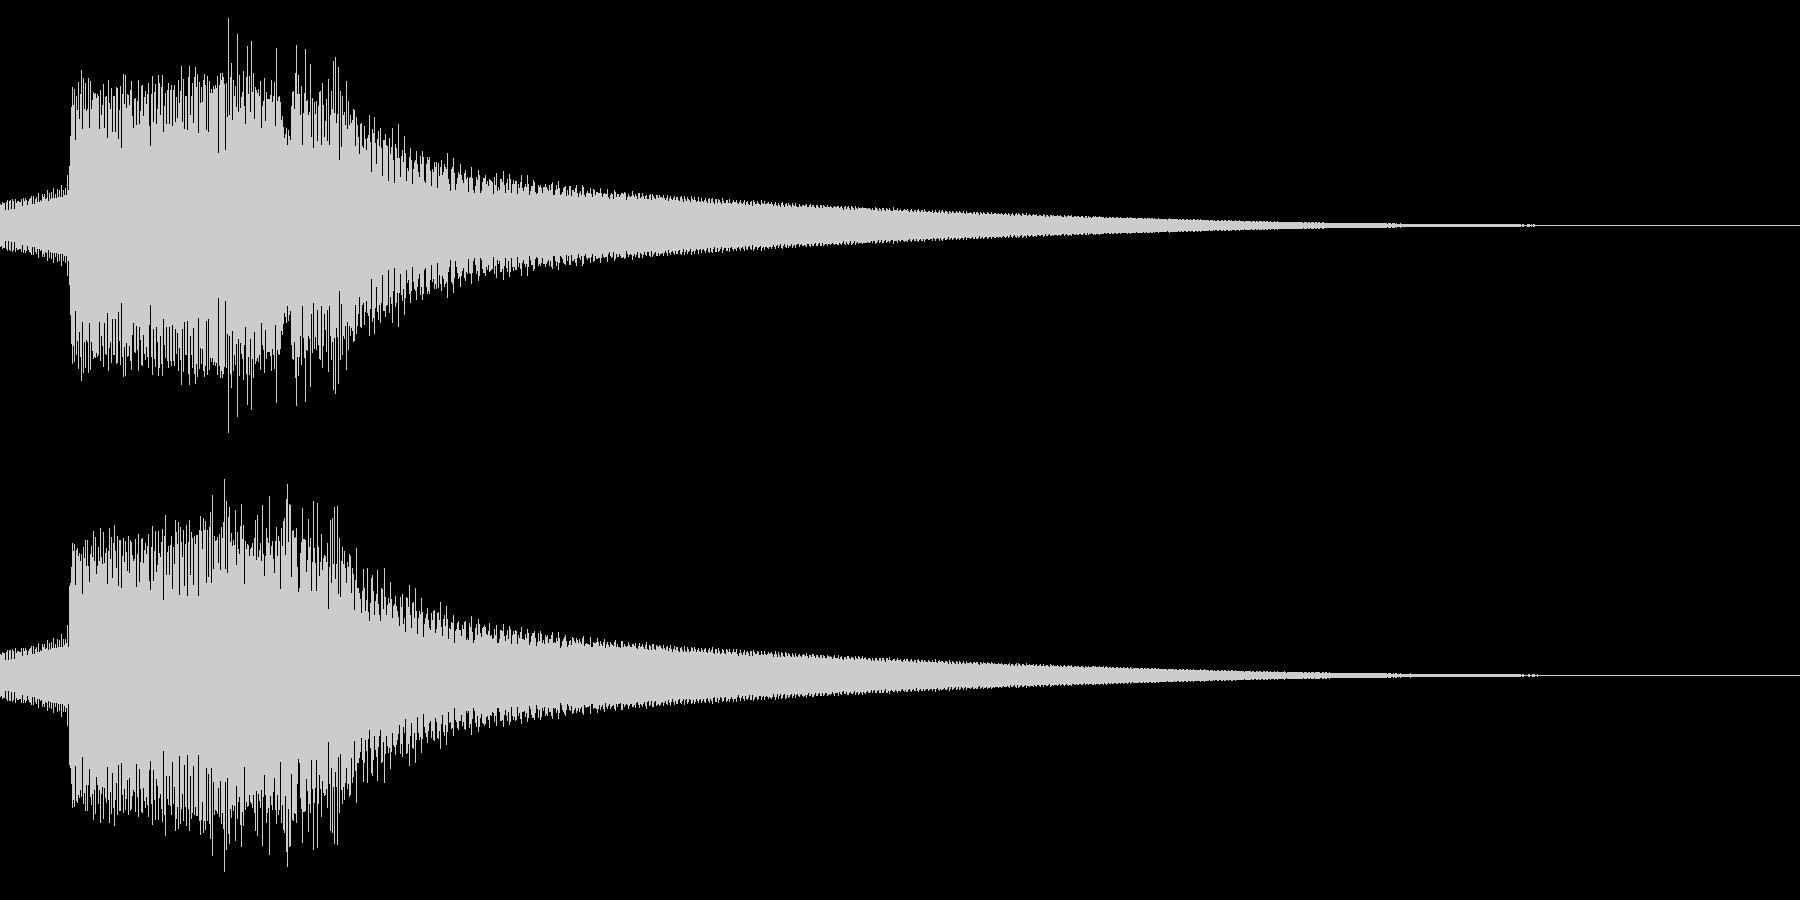 キュピン/レトロ/獲得の未再生の波形